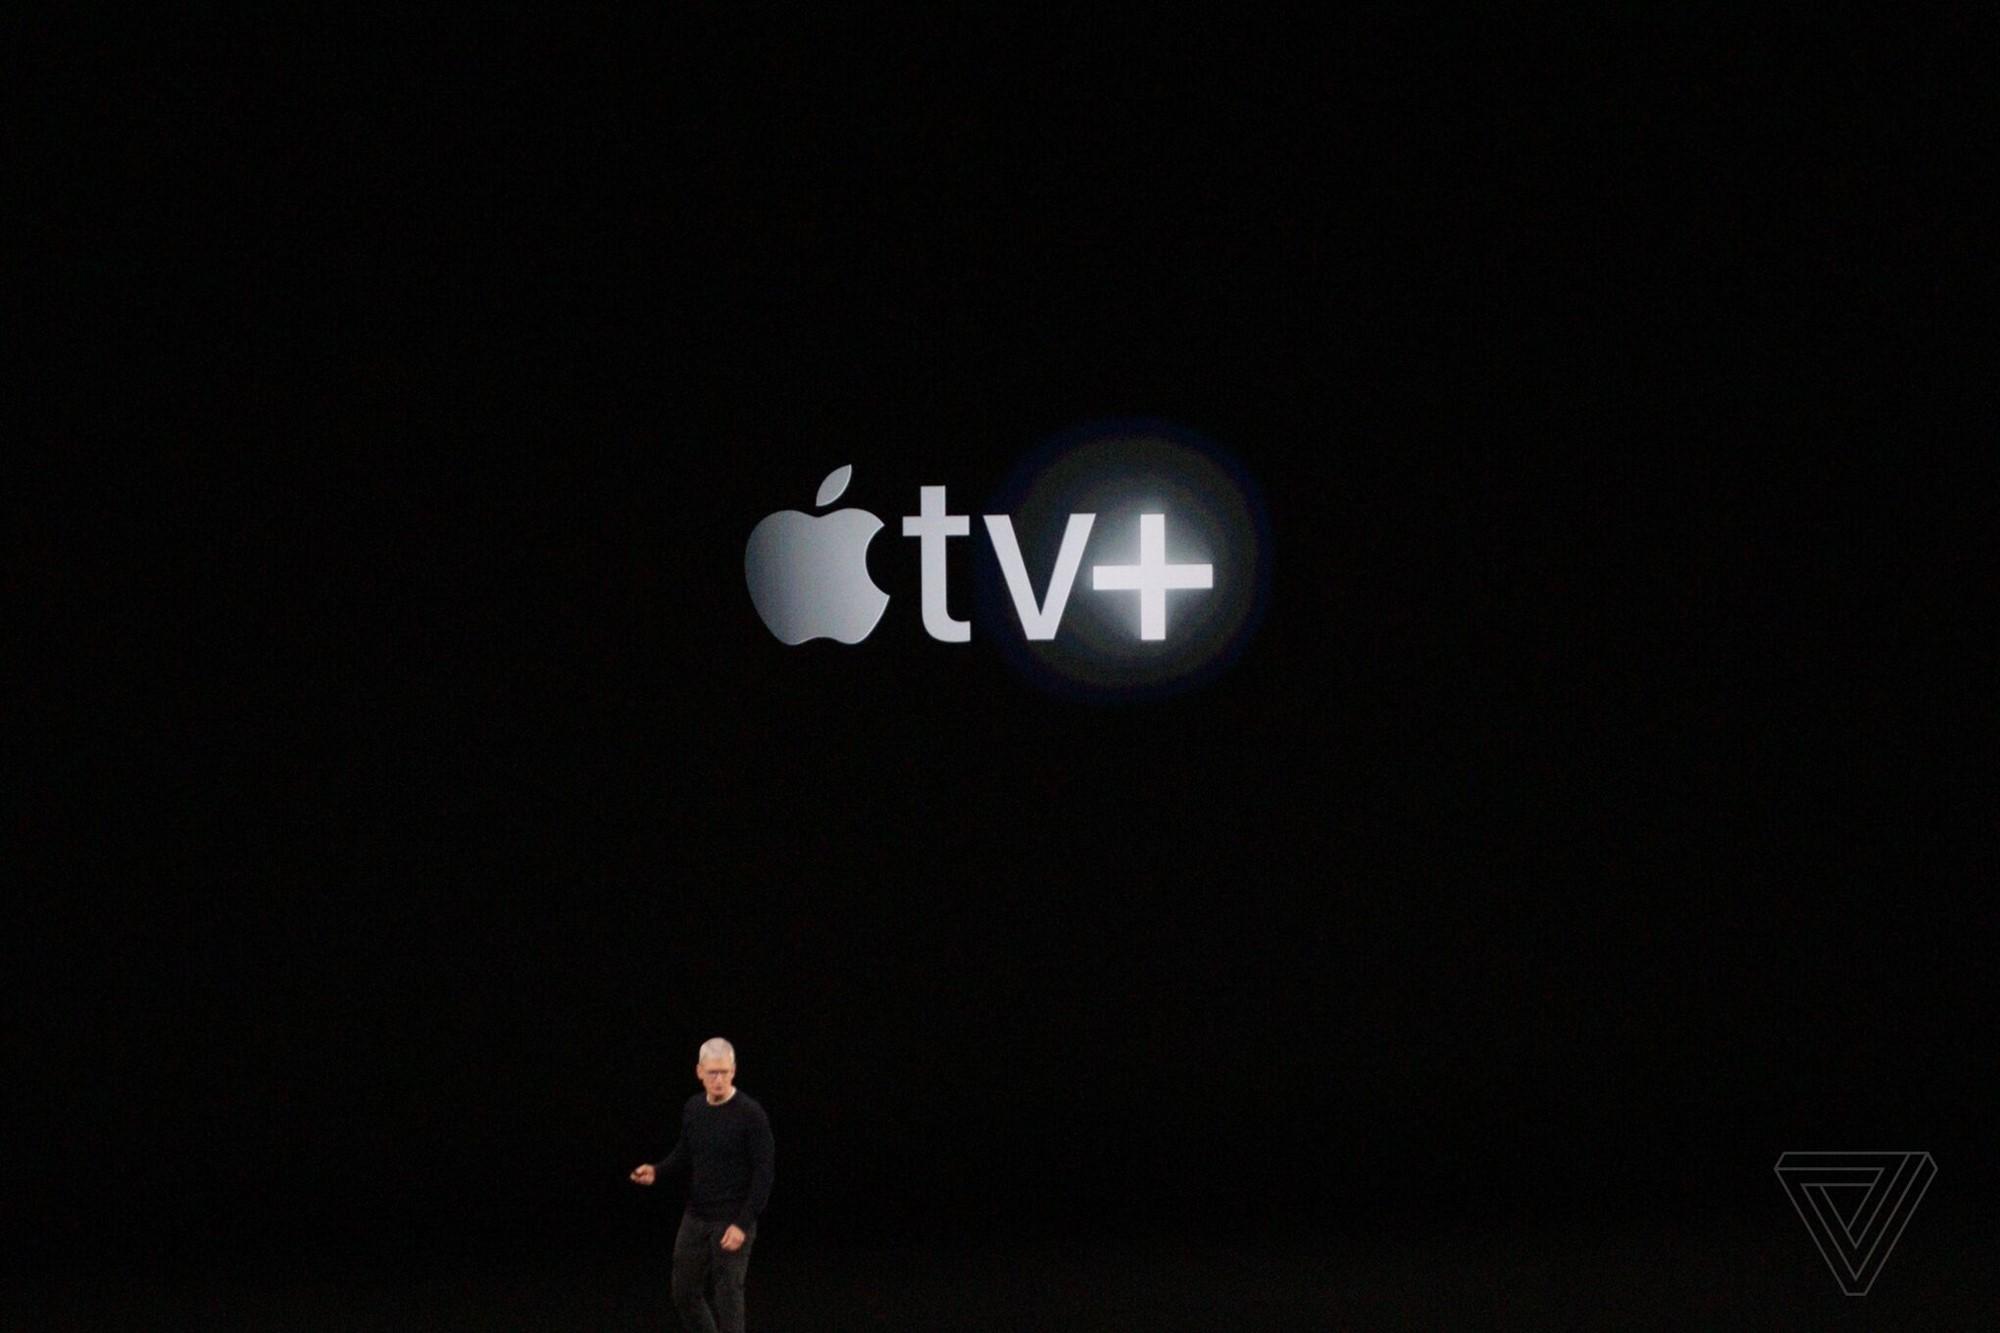 قیمت اپل تی وی پلاس ماهانه ۵ دلار است و یک سال اشتراک رایگان دارد